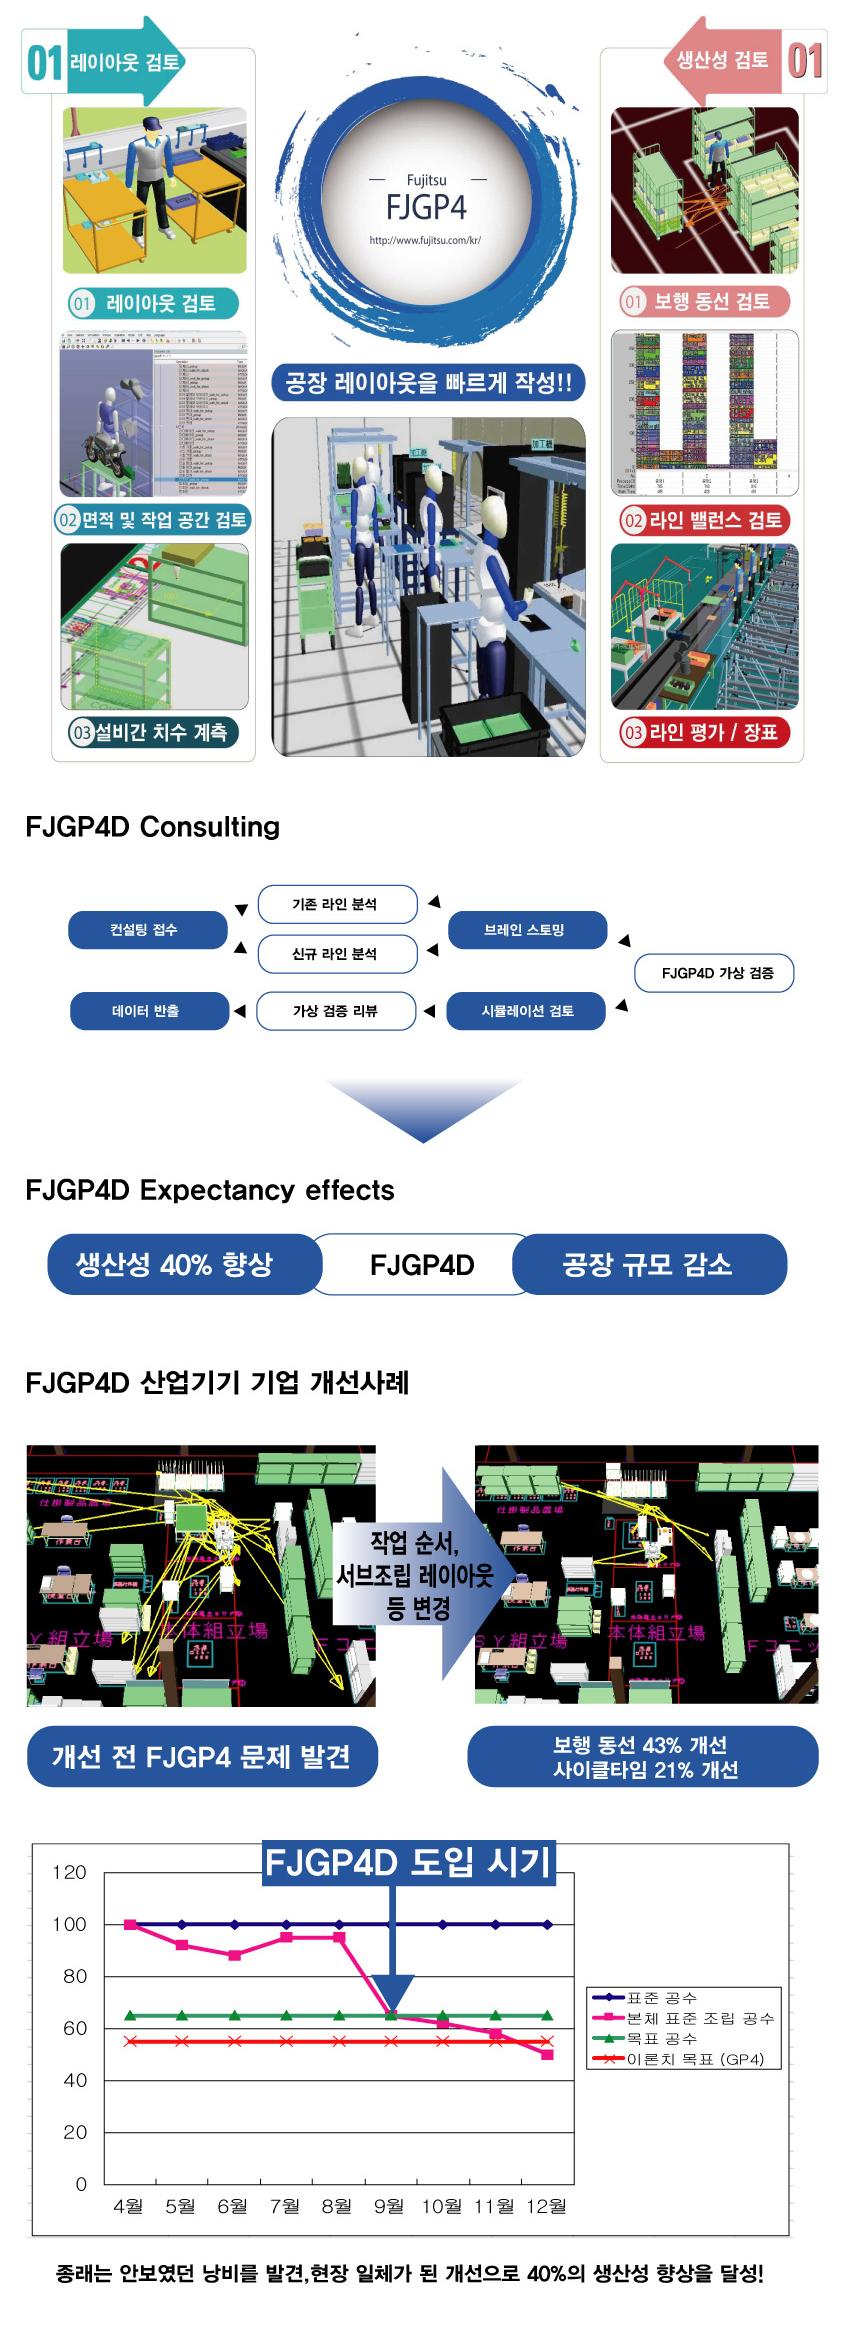 가상라인 검증 시뮬레이션 컨설팅.jpg